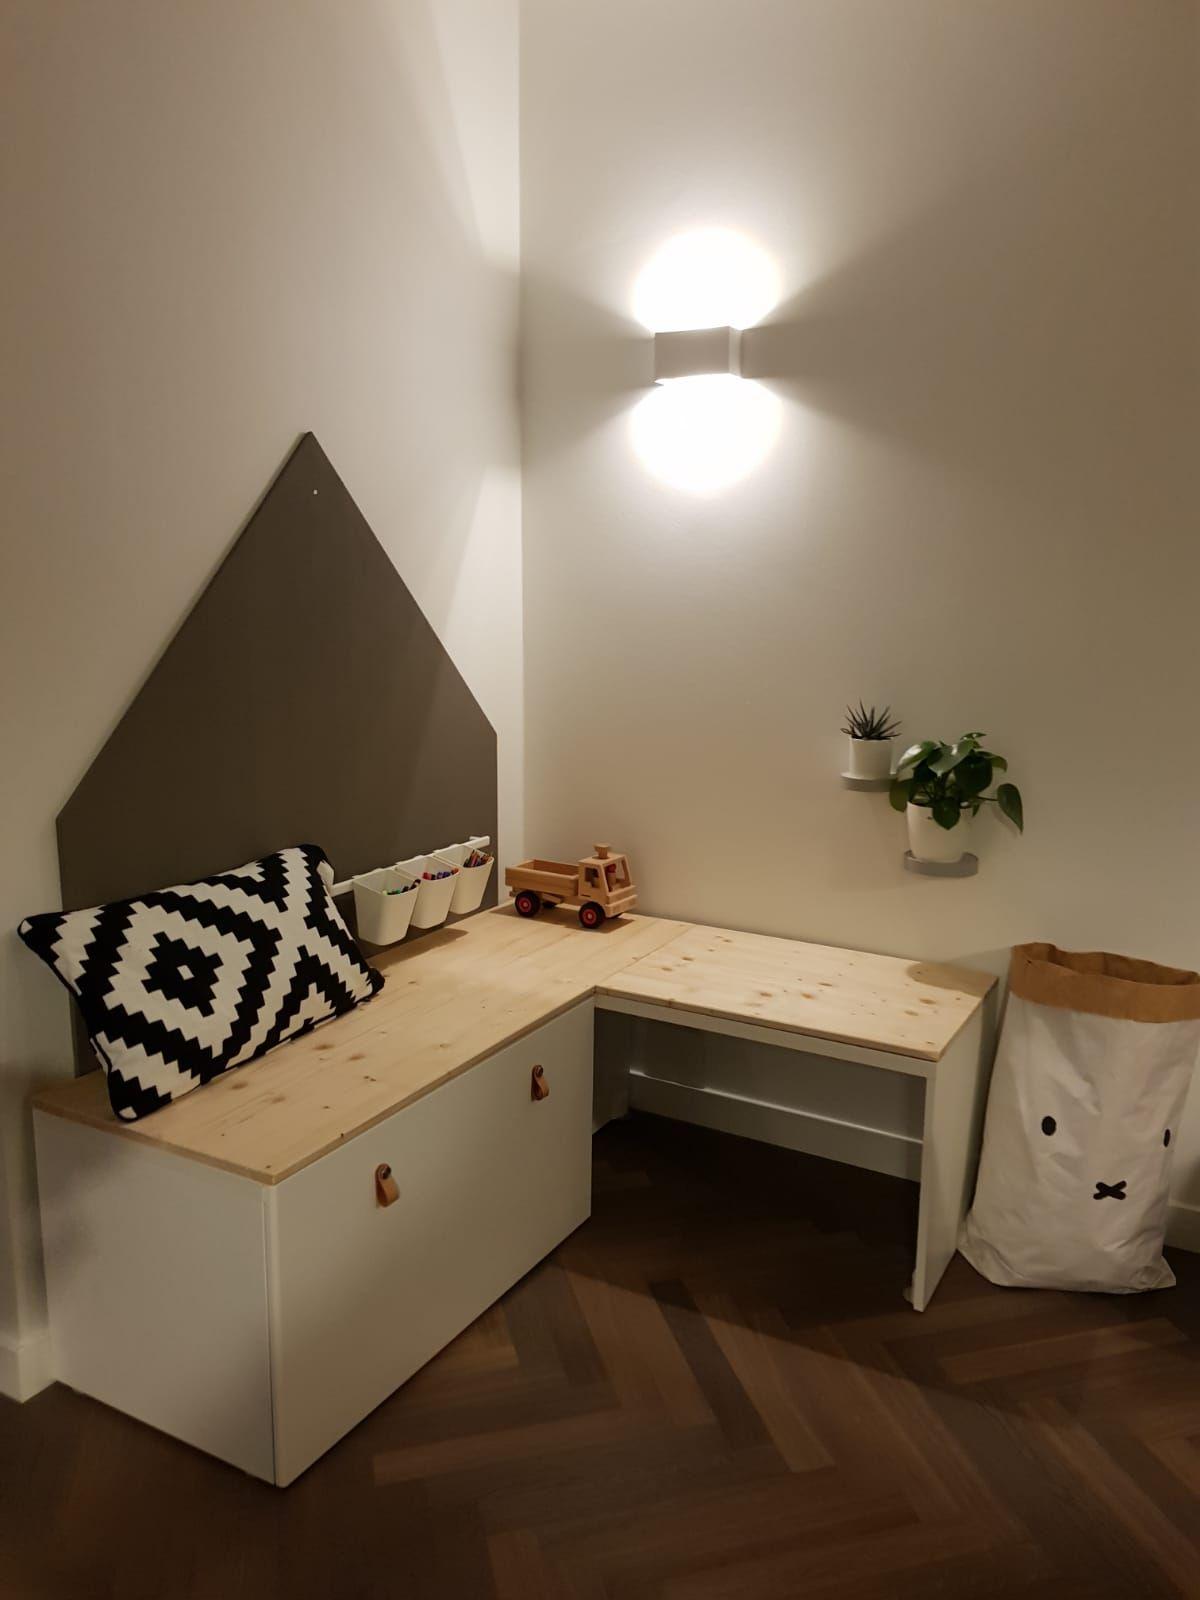 Kinder Speelhoek Ikea Stuva Opberg Ideeen Kinderkamer Ikea